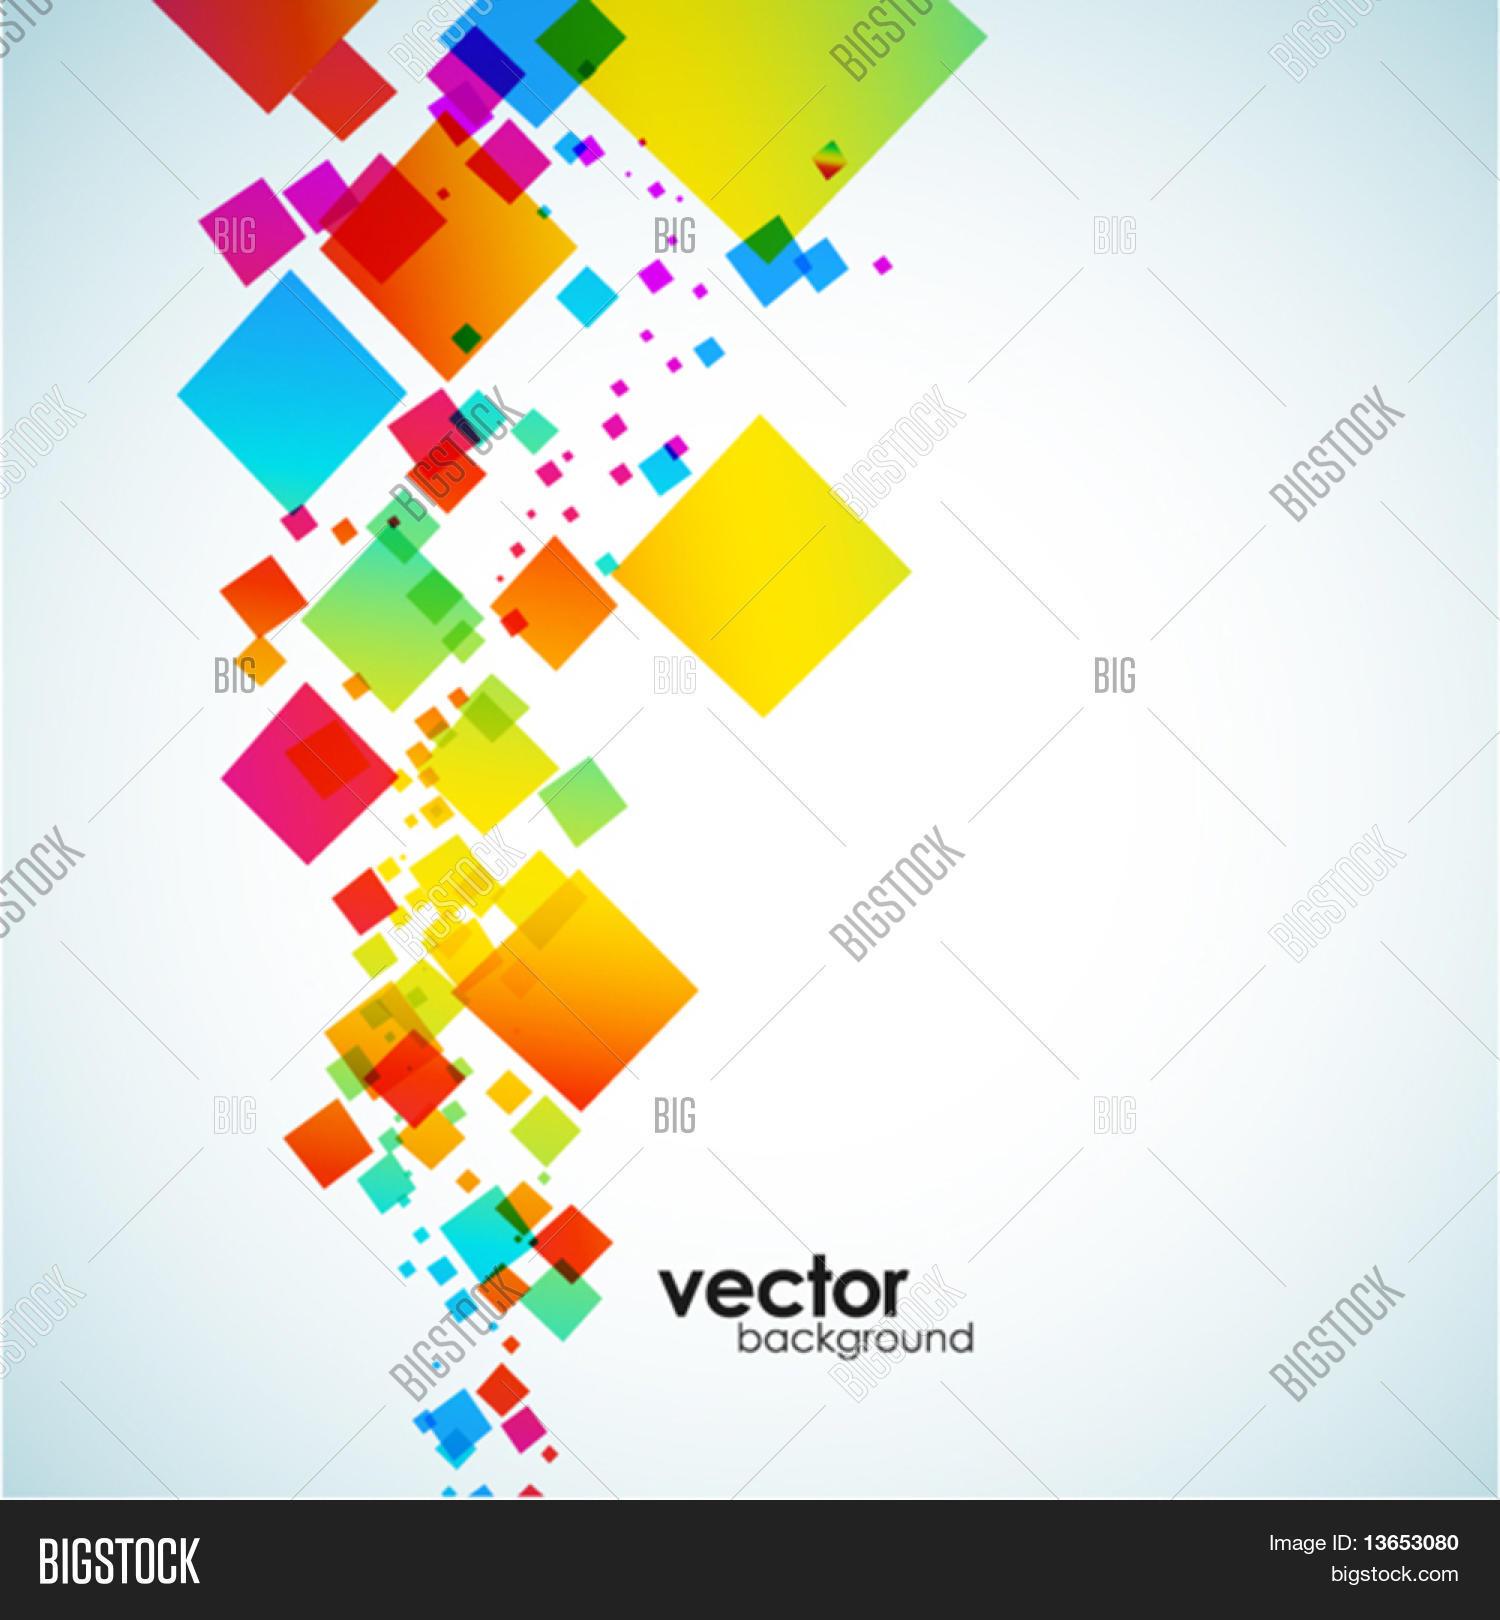 Vektorgrafik Und Foto Zu Kostenlose Probeversion Bigstock